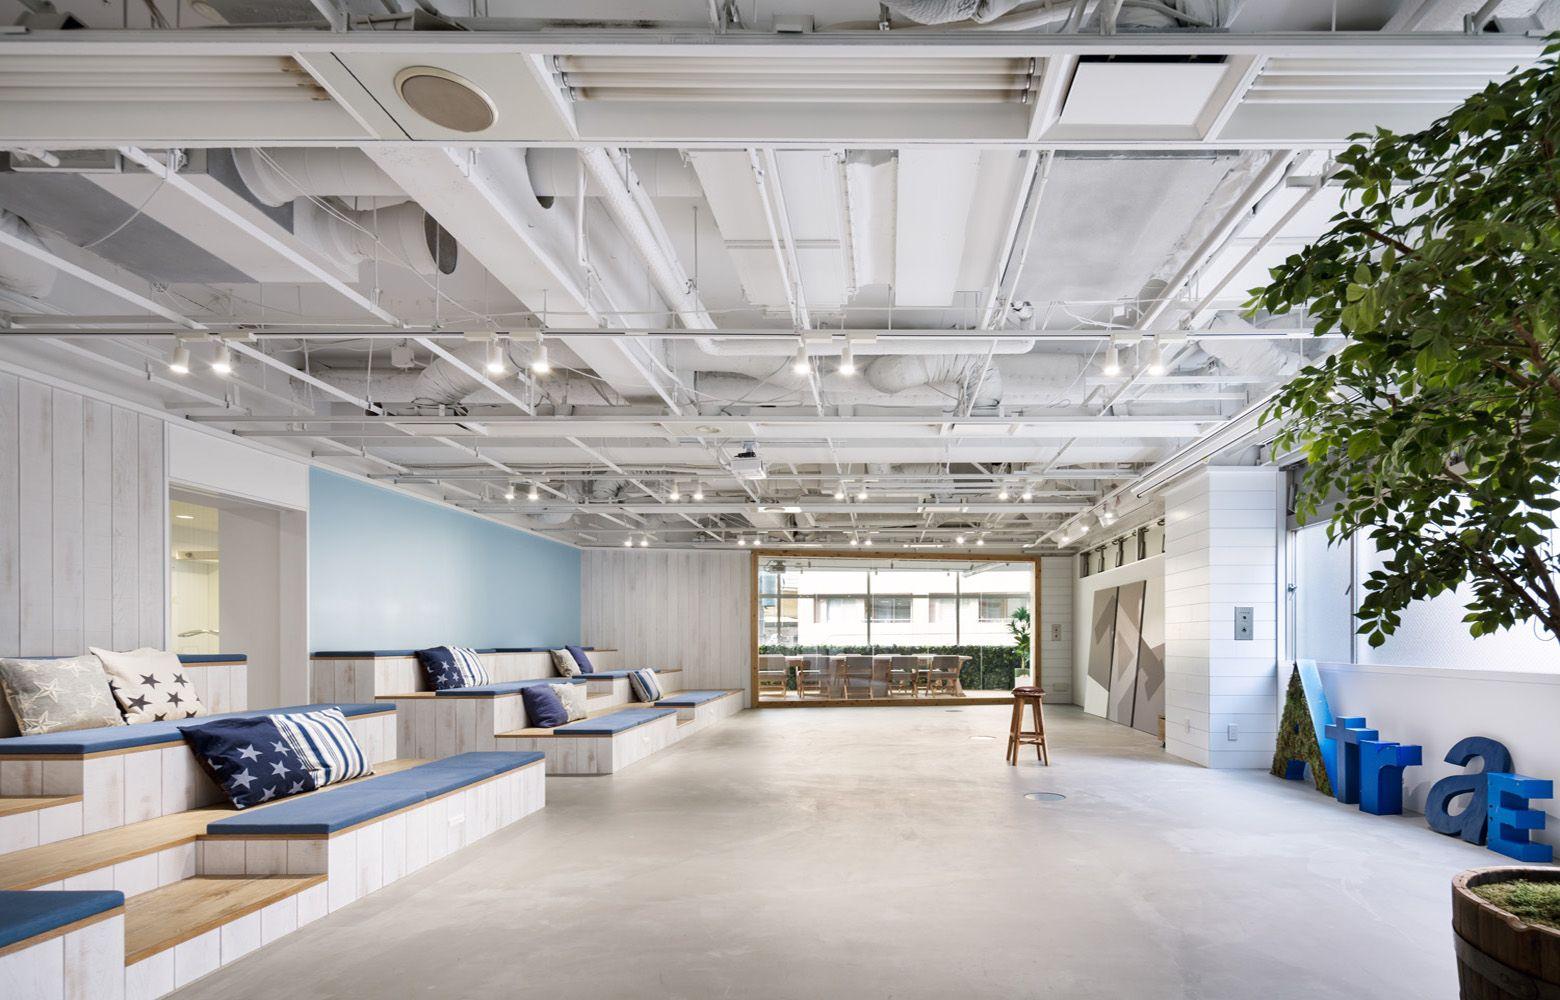 東京のオフィスデザイン レイアウトならwork Kit オフィスデザイン